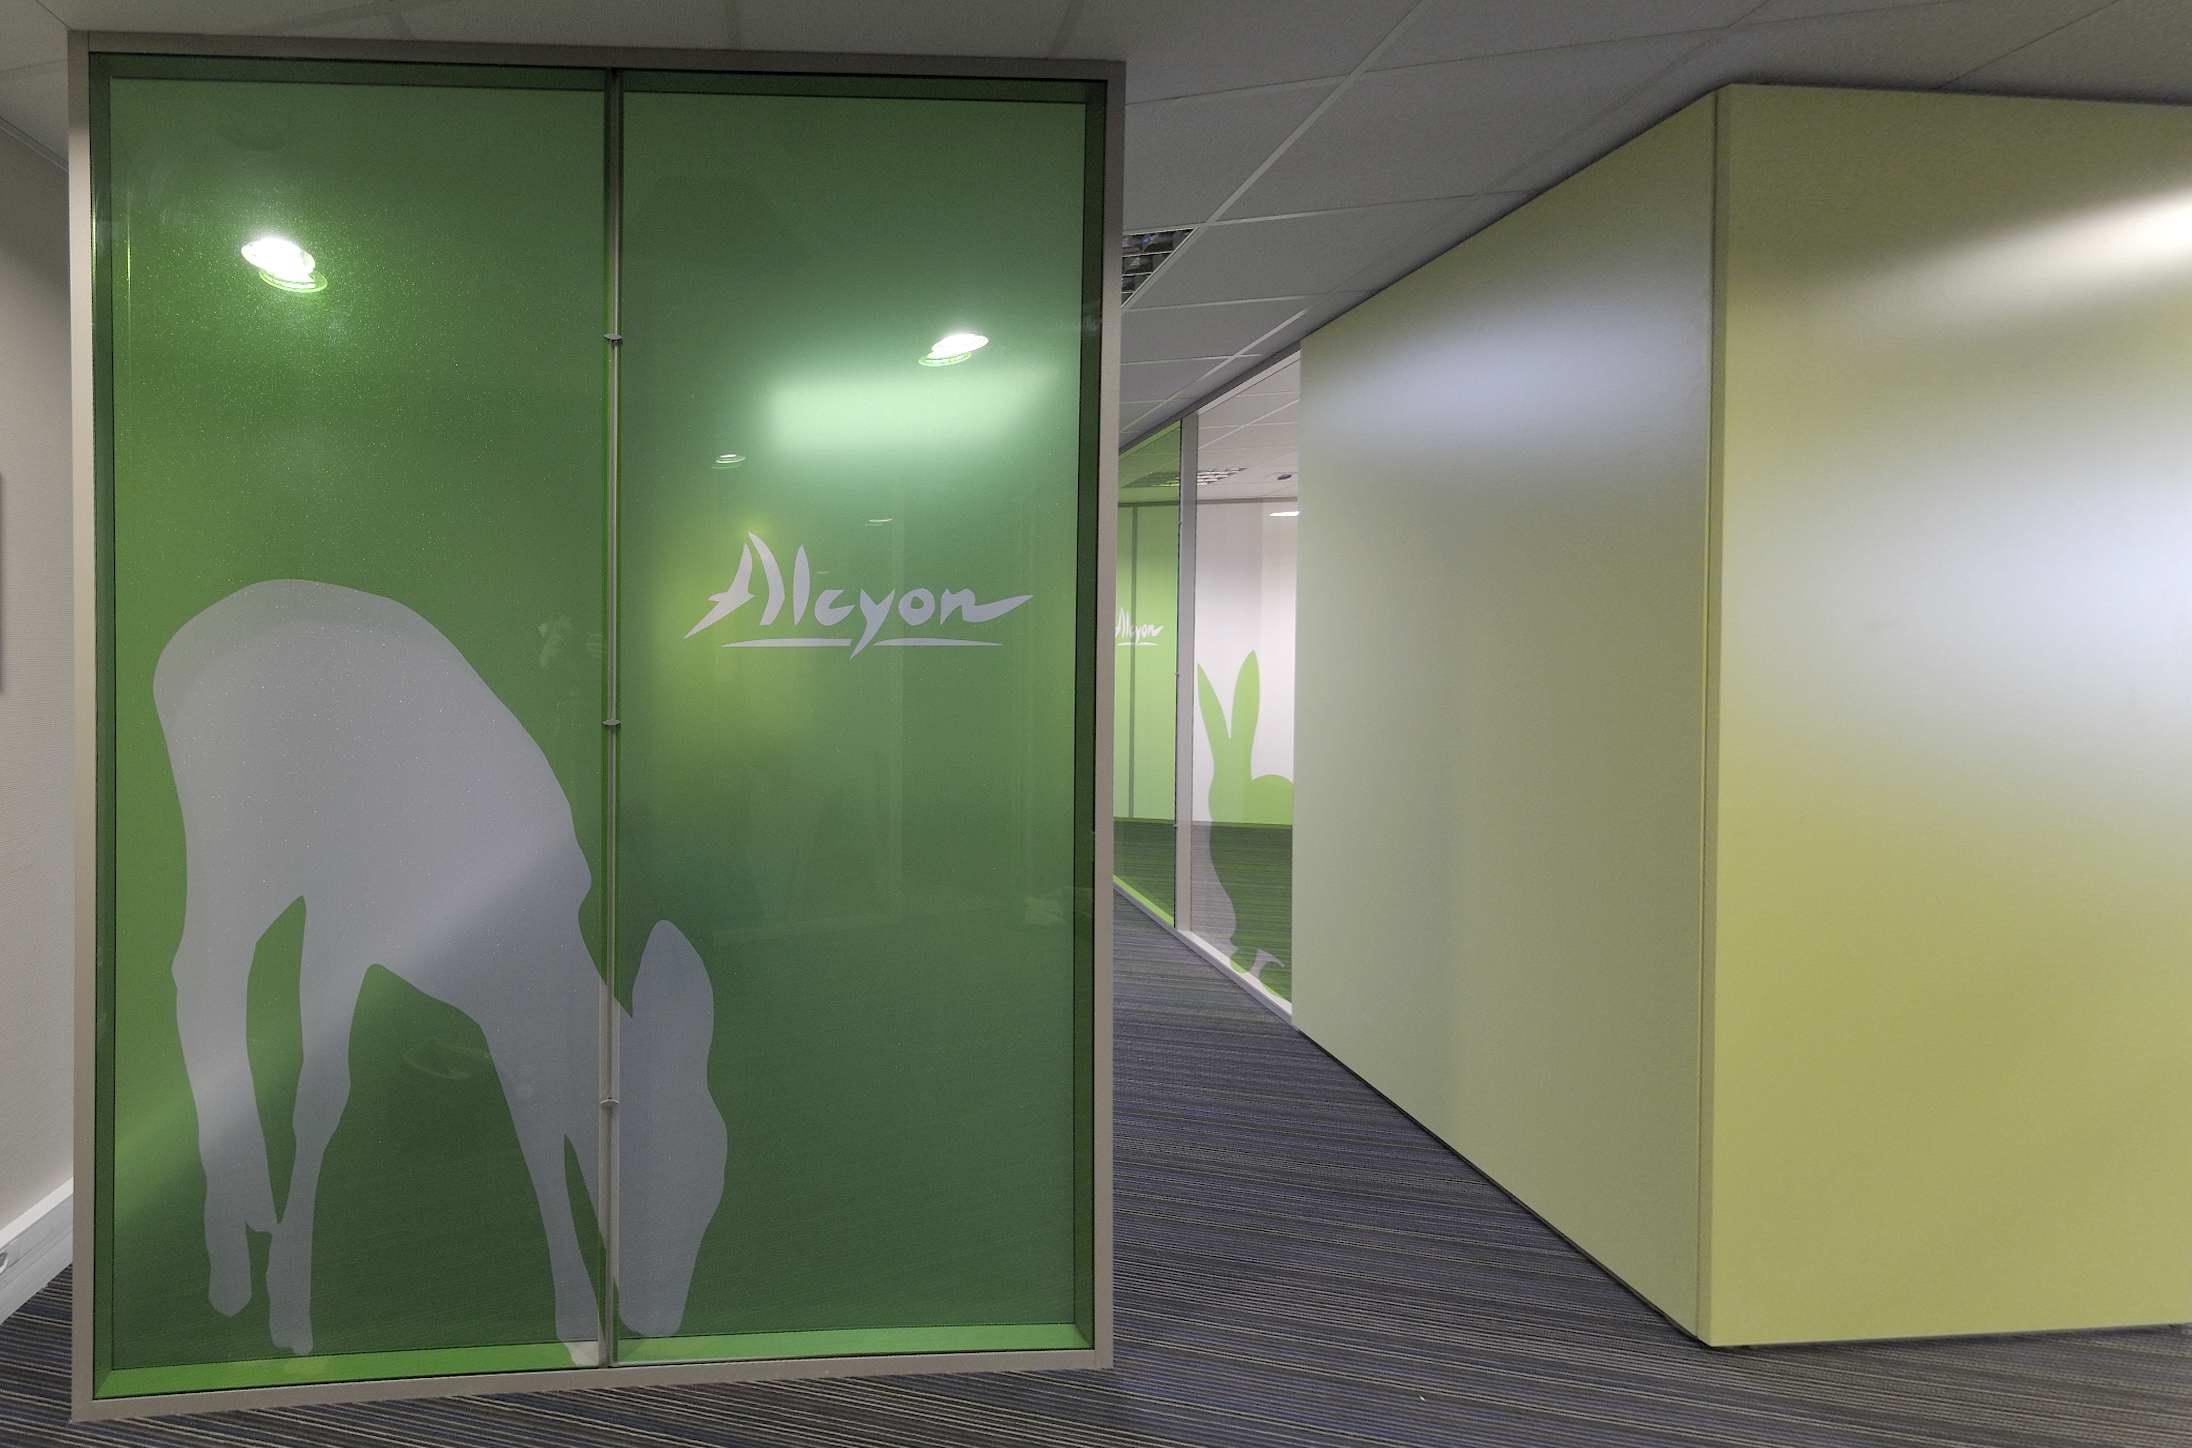 Aménagement et architecture d'intérieur du siège social de Alcyon par Studio Divo